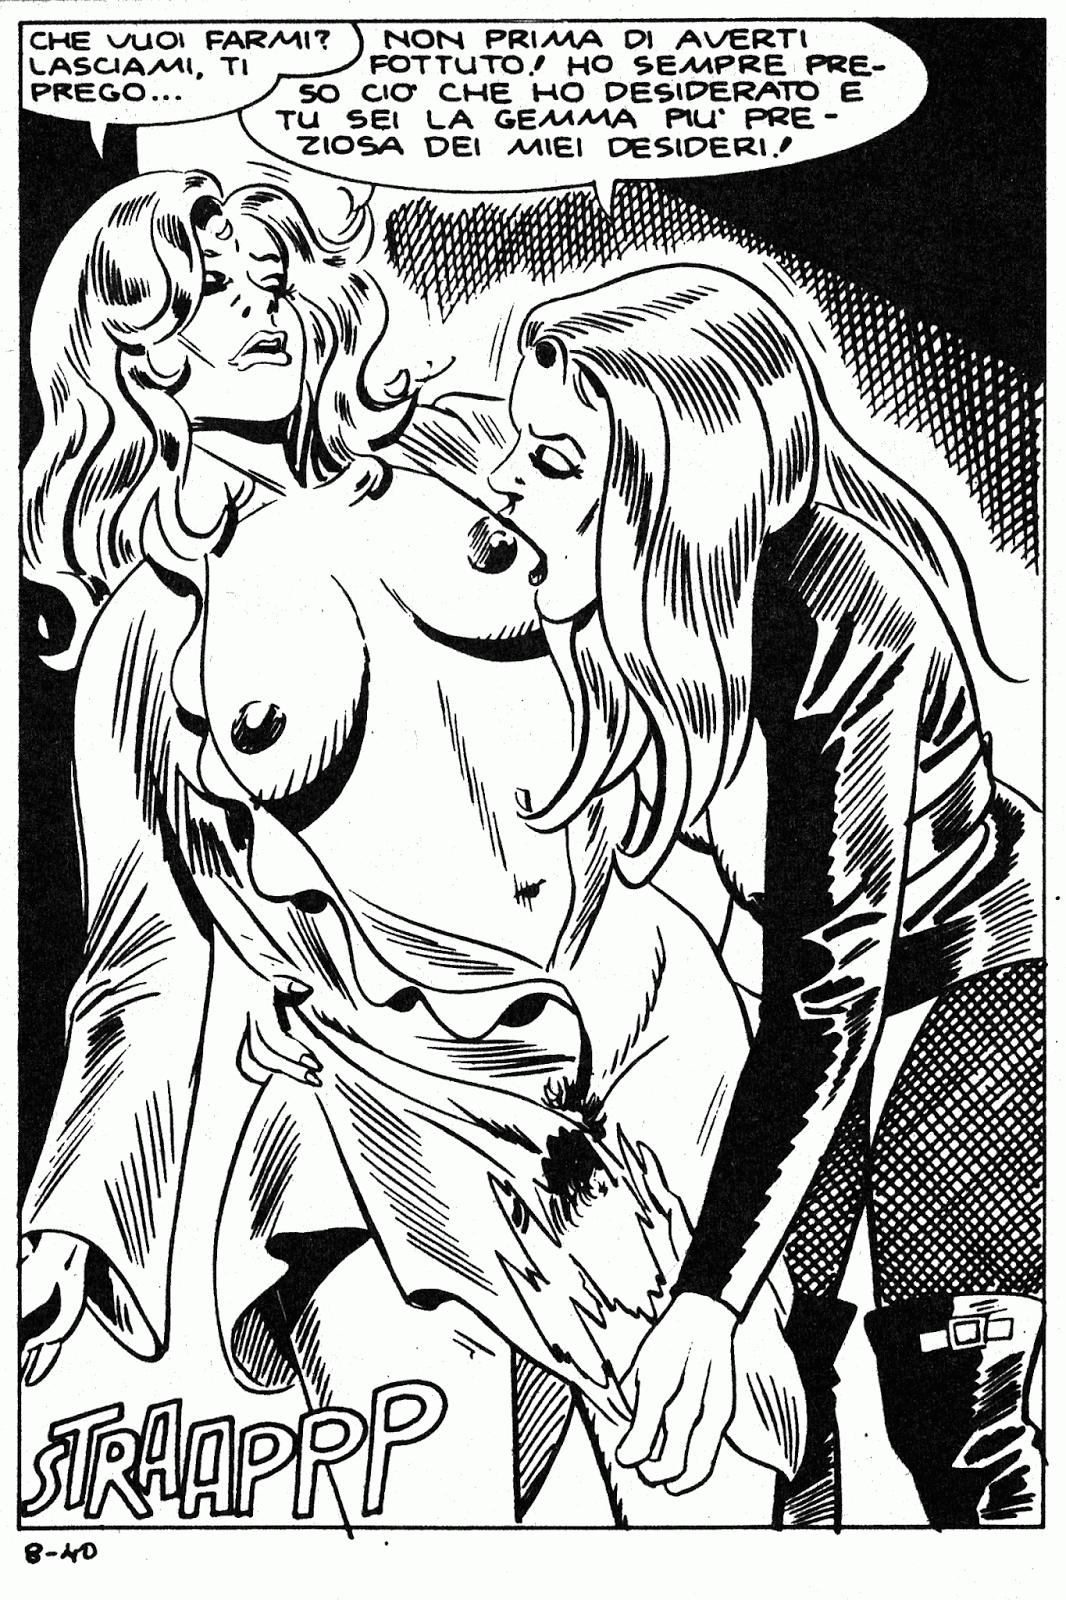 Eroe porno fumetti